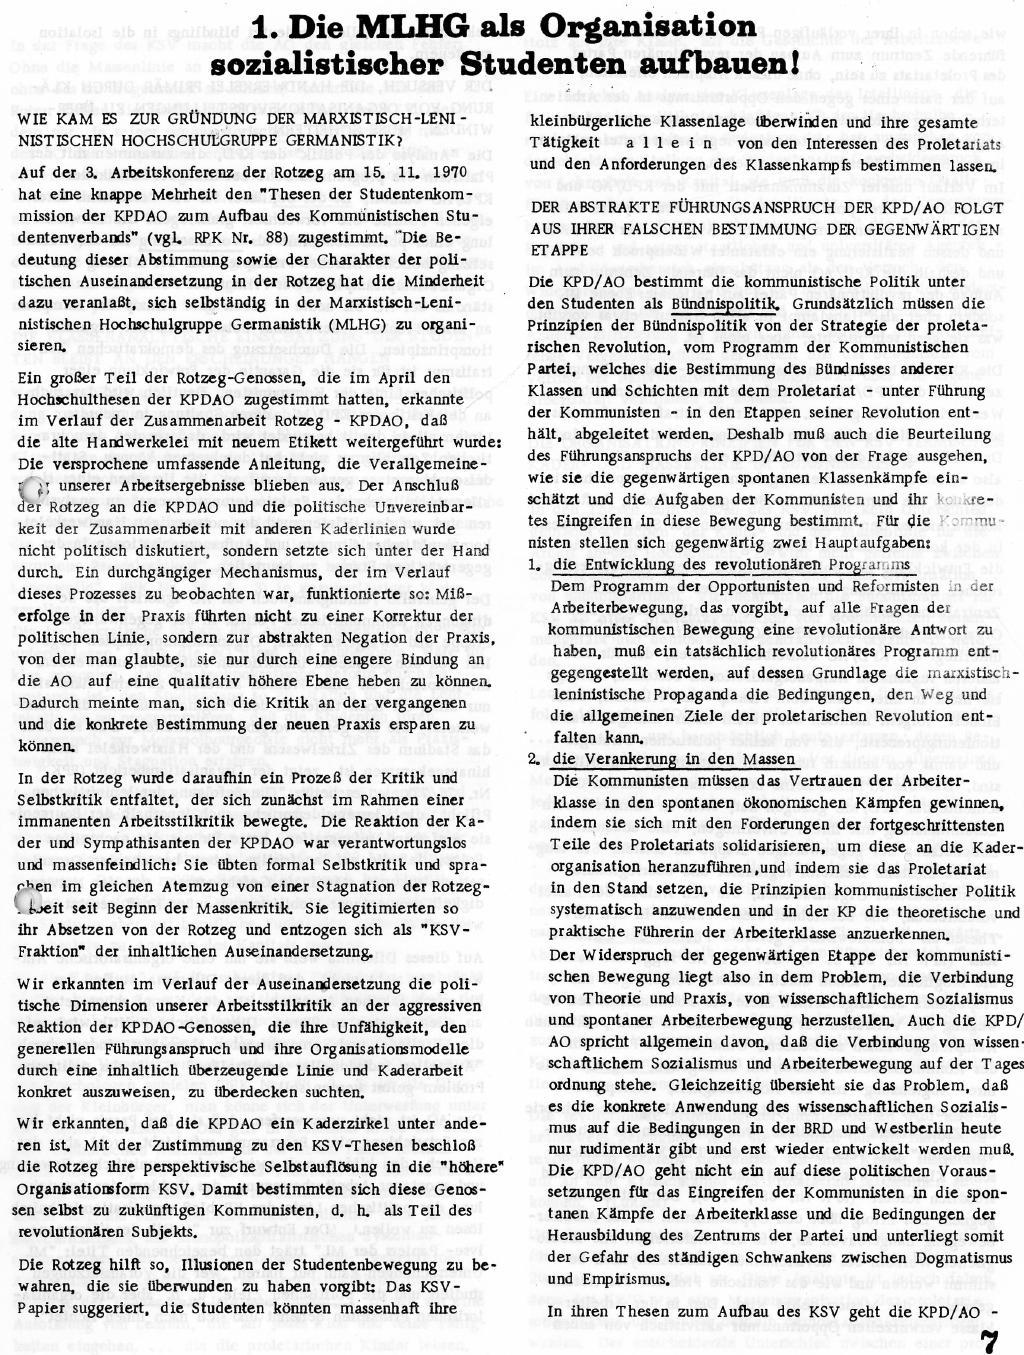 RPK_1970_093_07